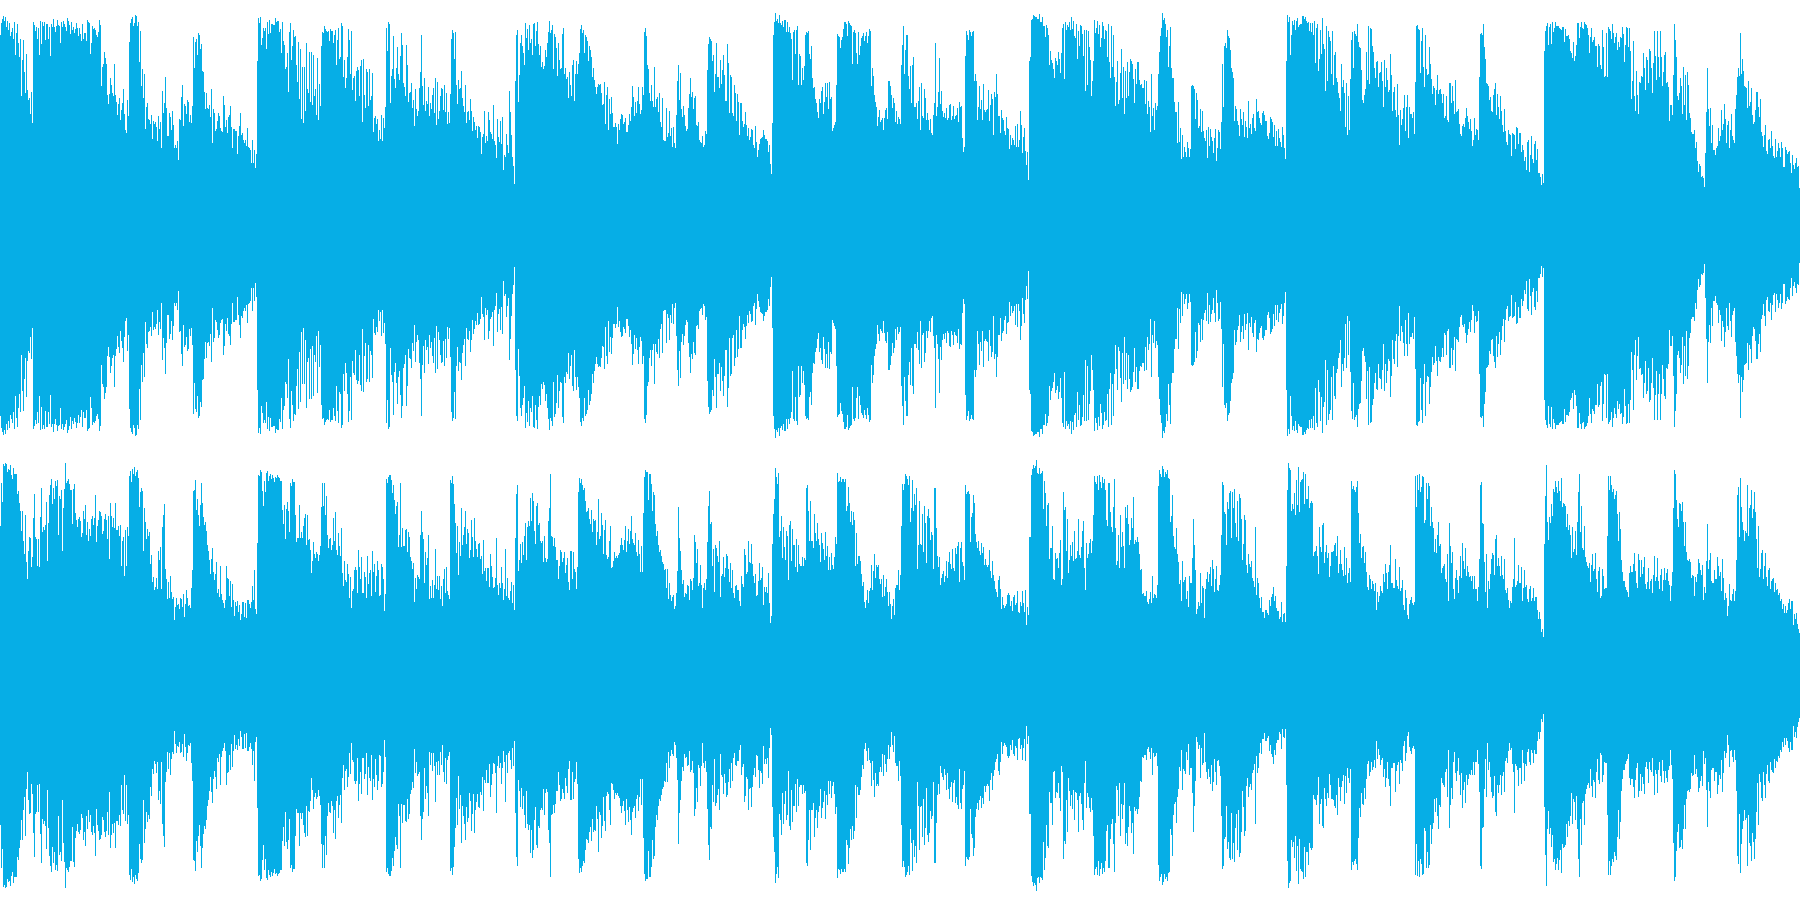 繊細で絹のような音と繊細なハーモニ...の再生済みの波形